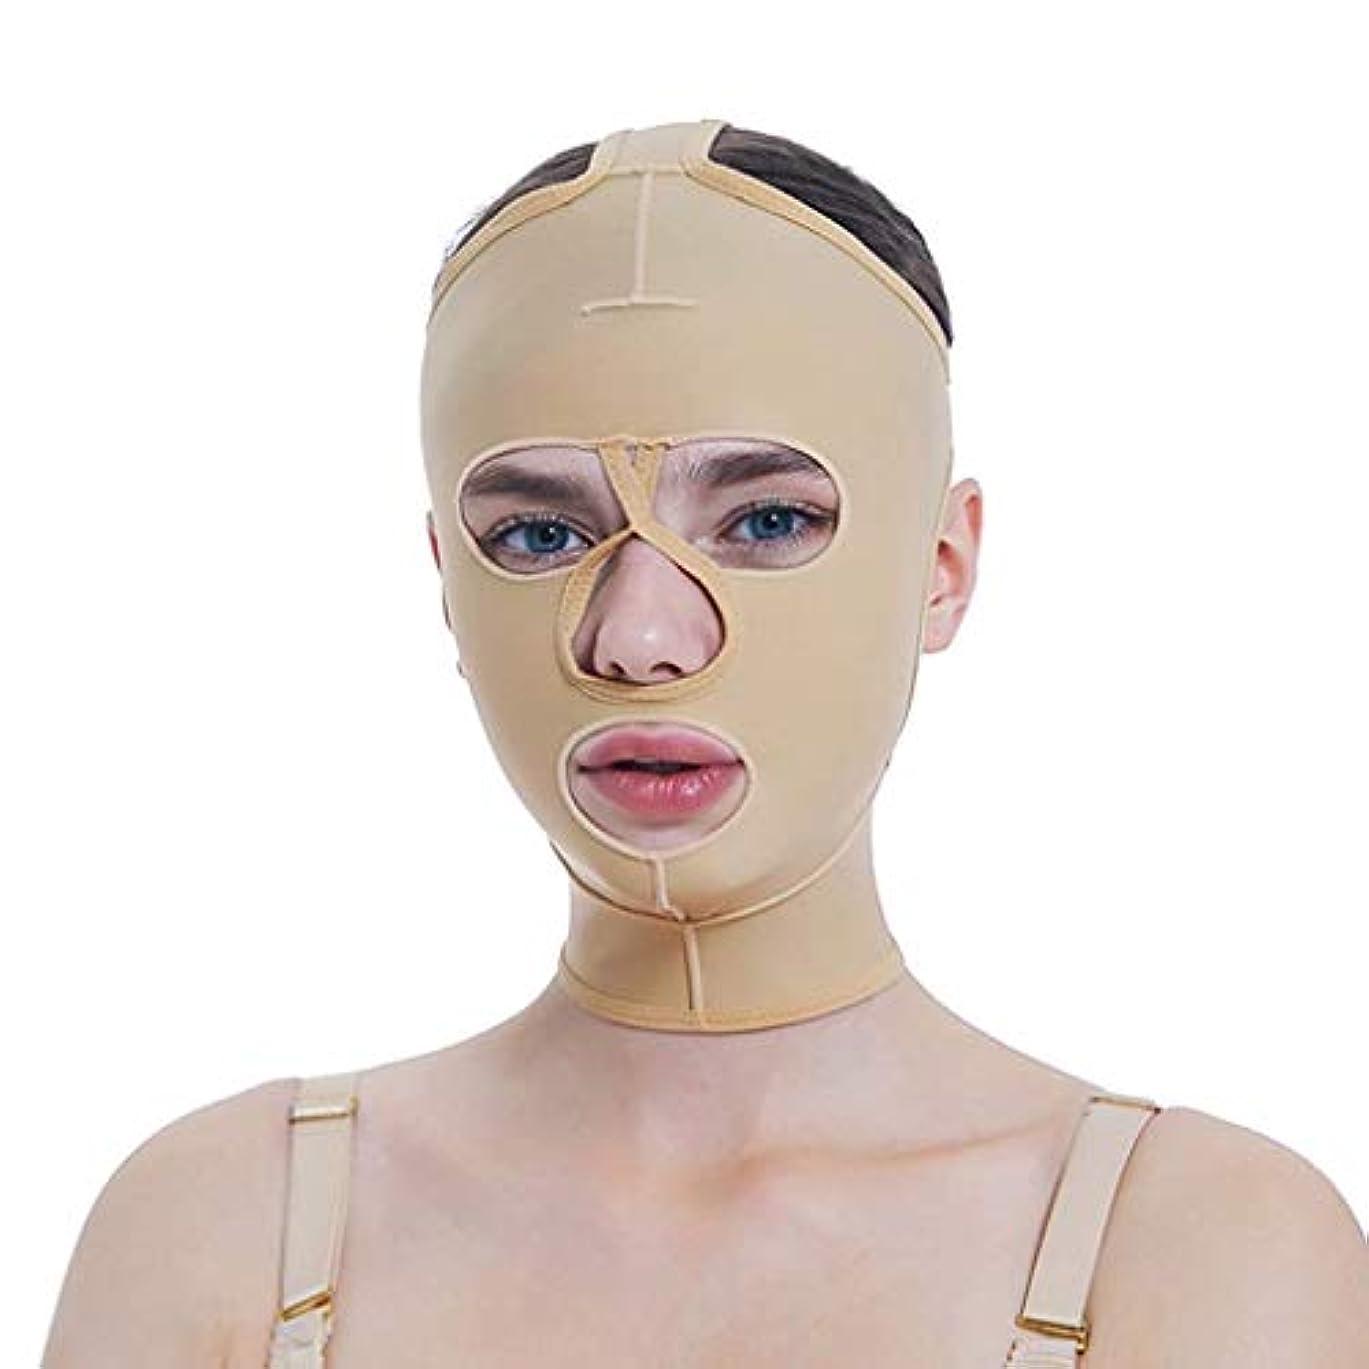 寛大なホバー遠征脂肪吸引術用成形マスク、薄手かつらVフェイスビームフェイス弾性スリーブマルチサイズオプション(サイズ:M)